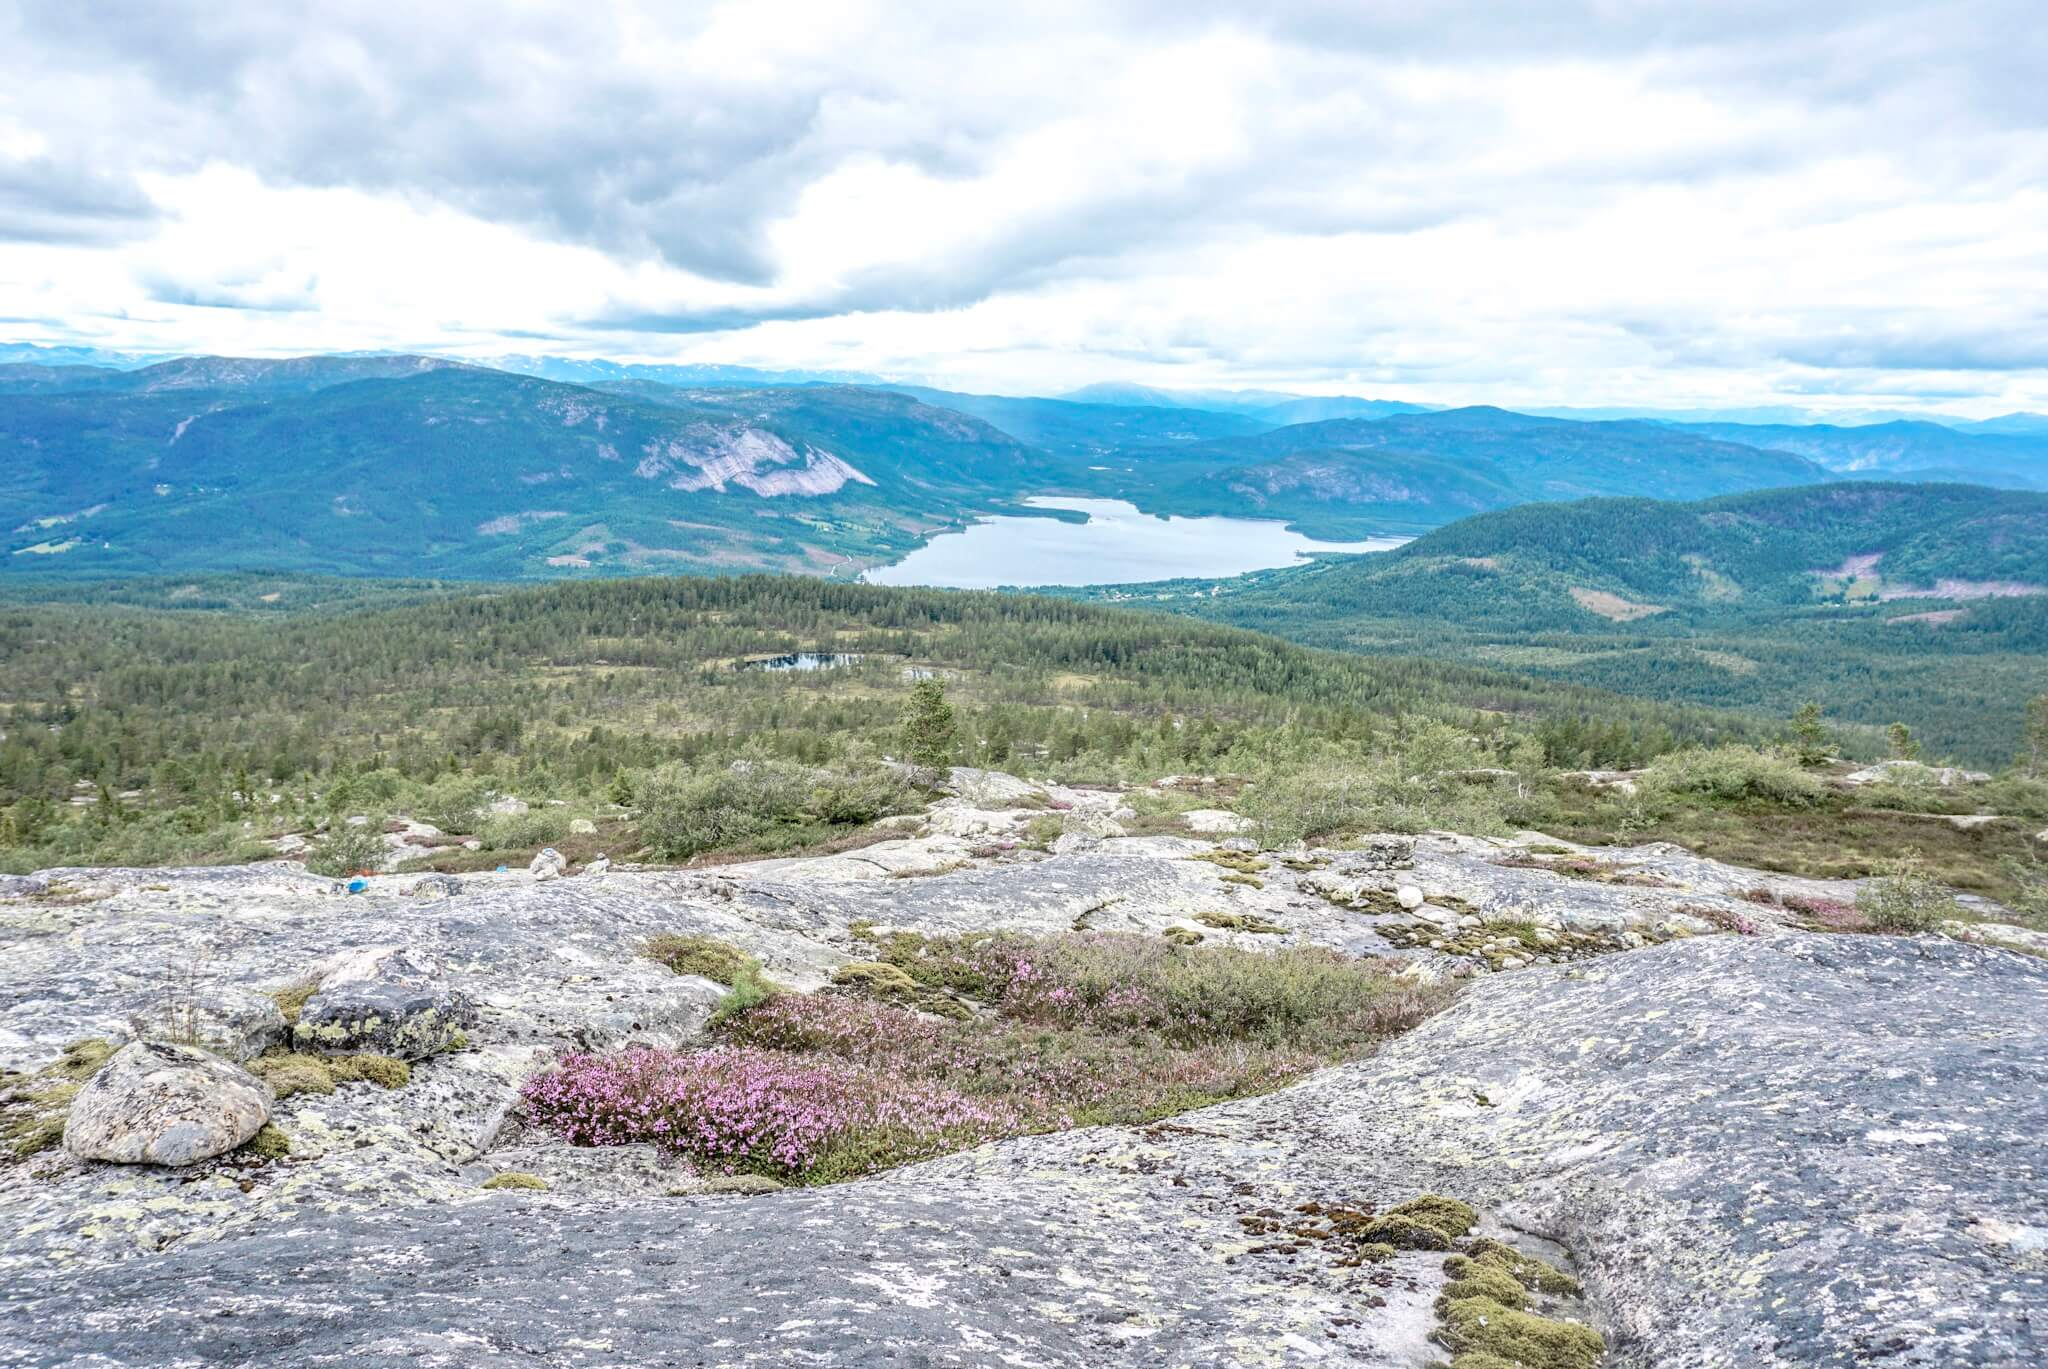 visiter le telemark en randonnée itinéraire norvège